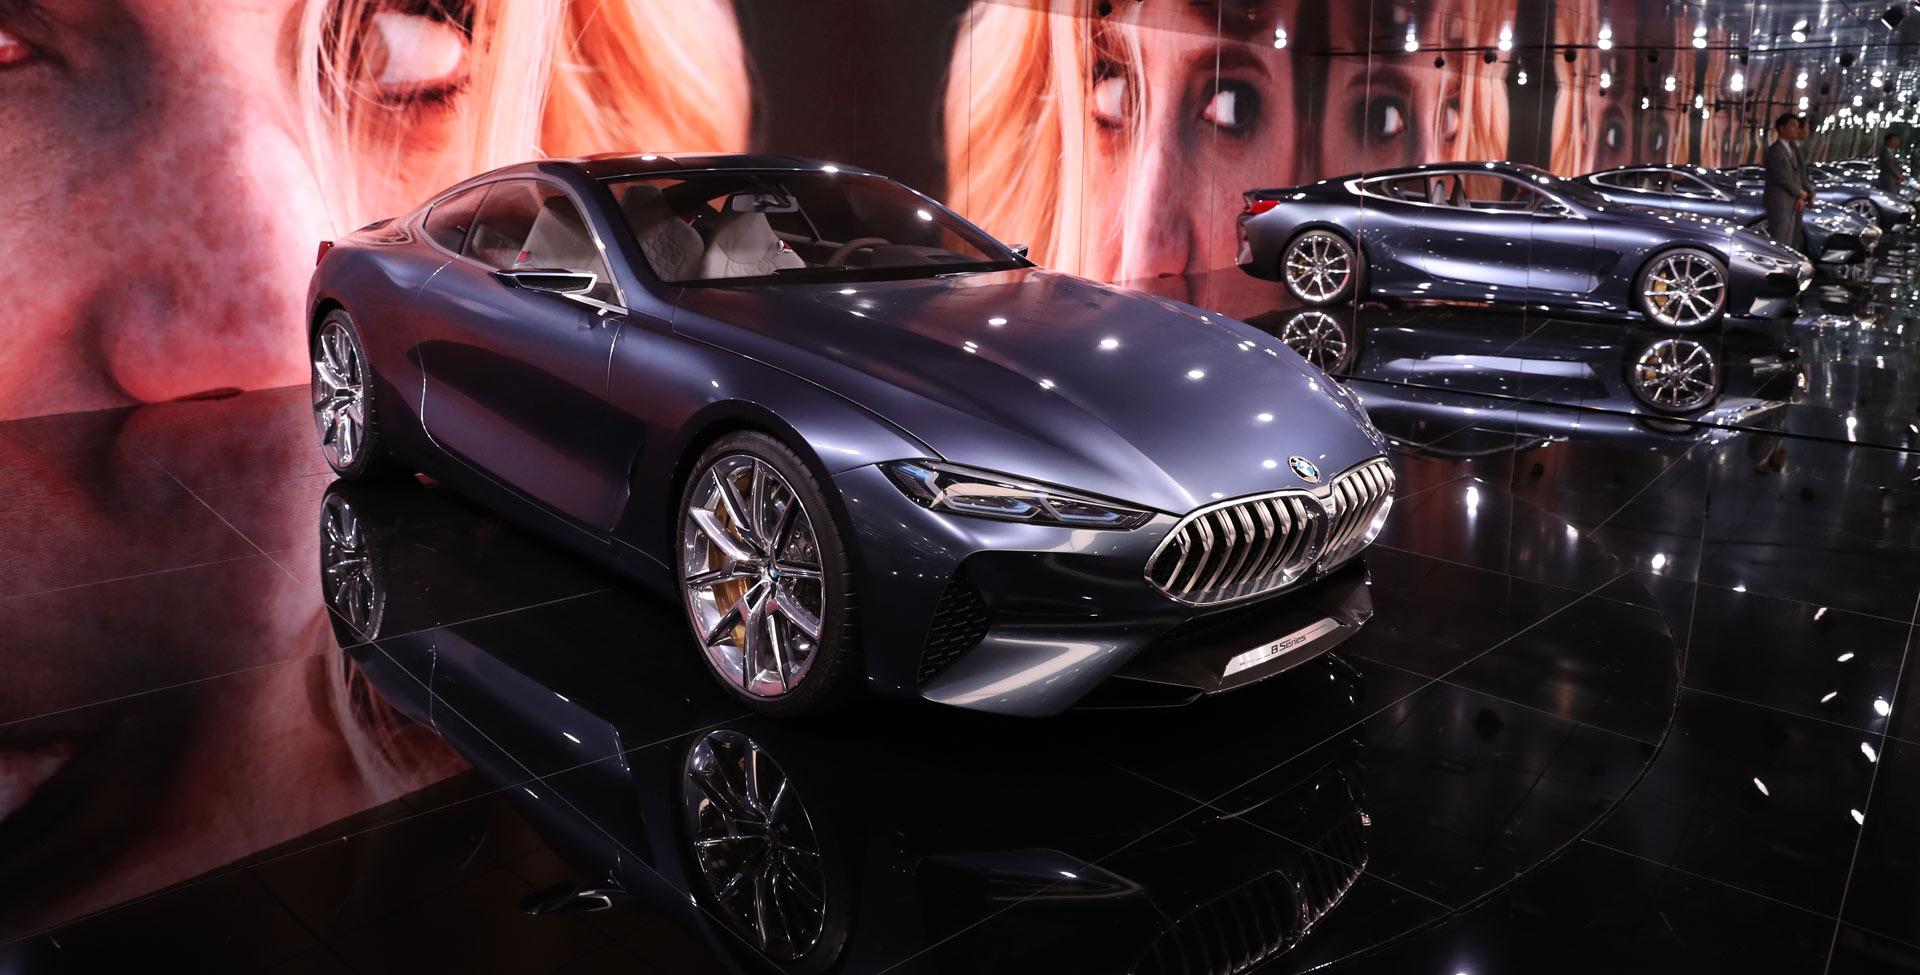 北京國際車展重磅新車搶先看